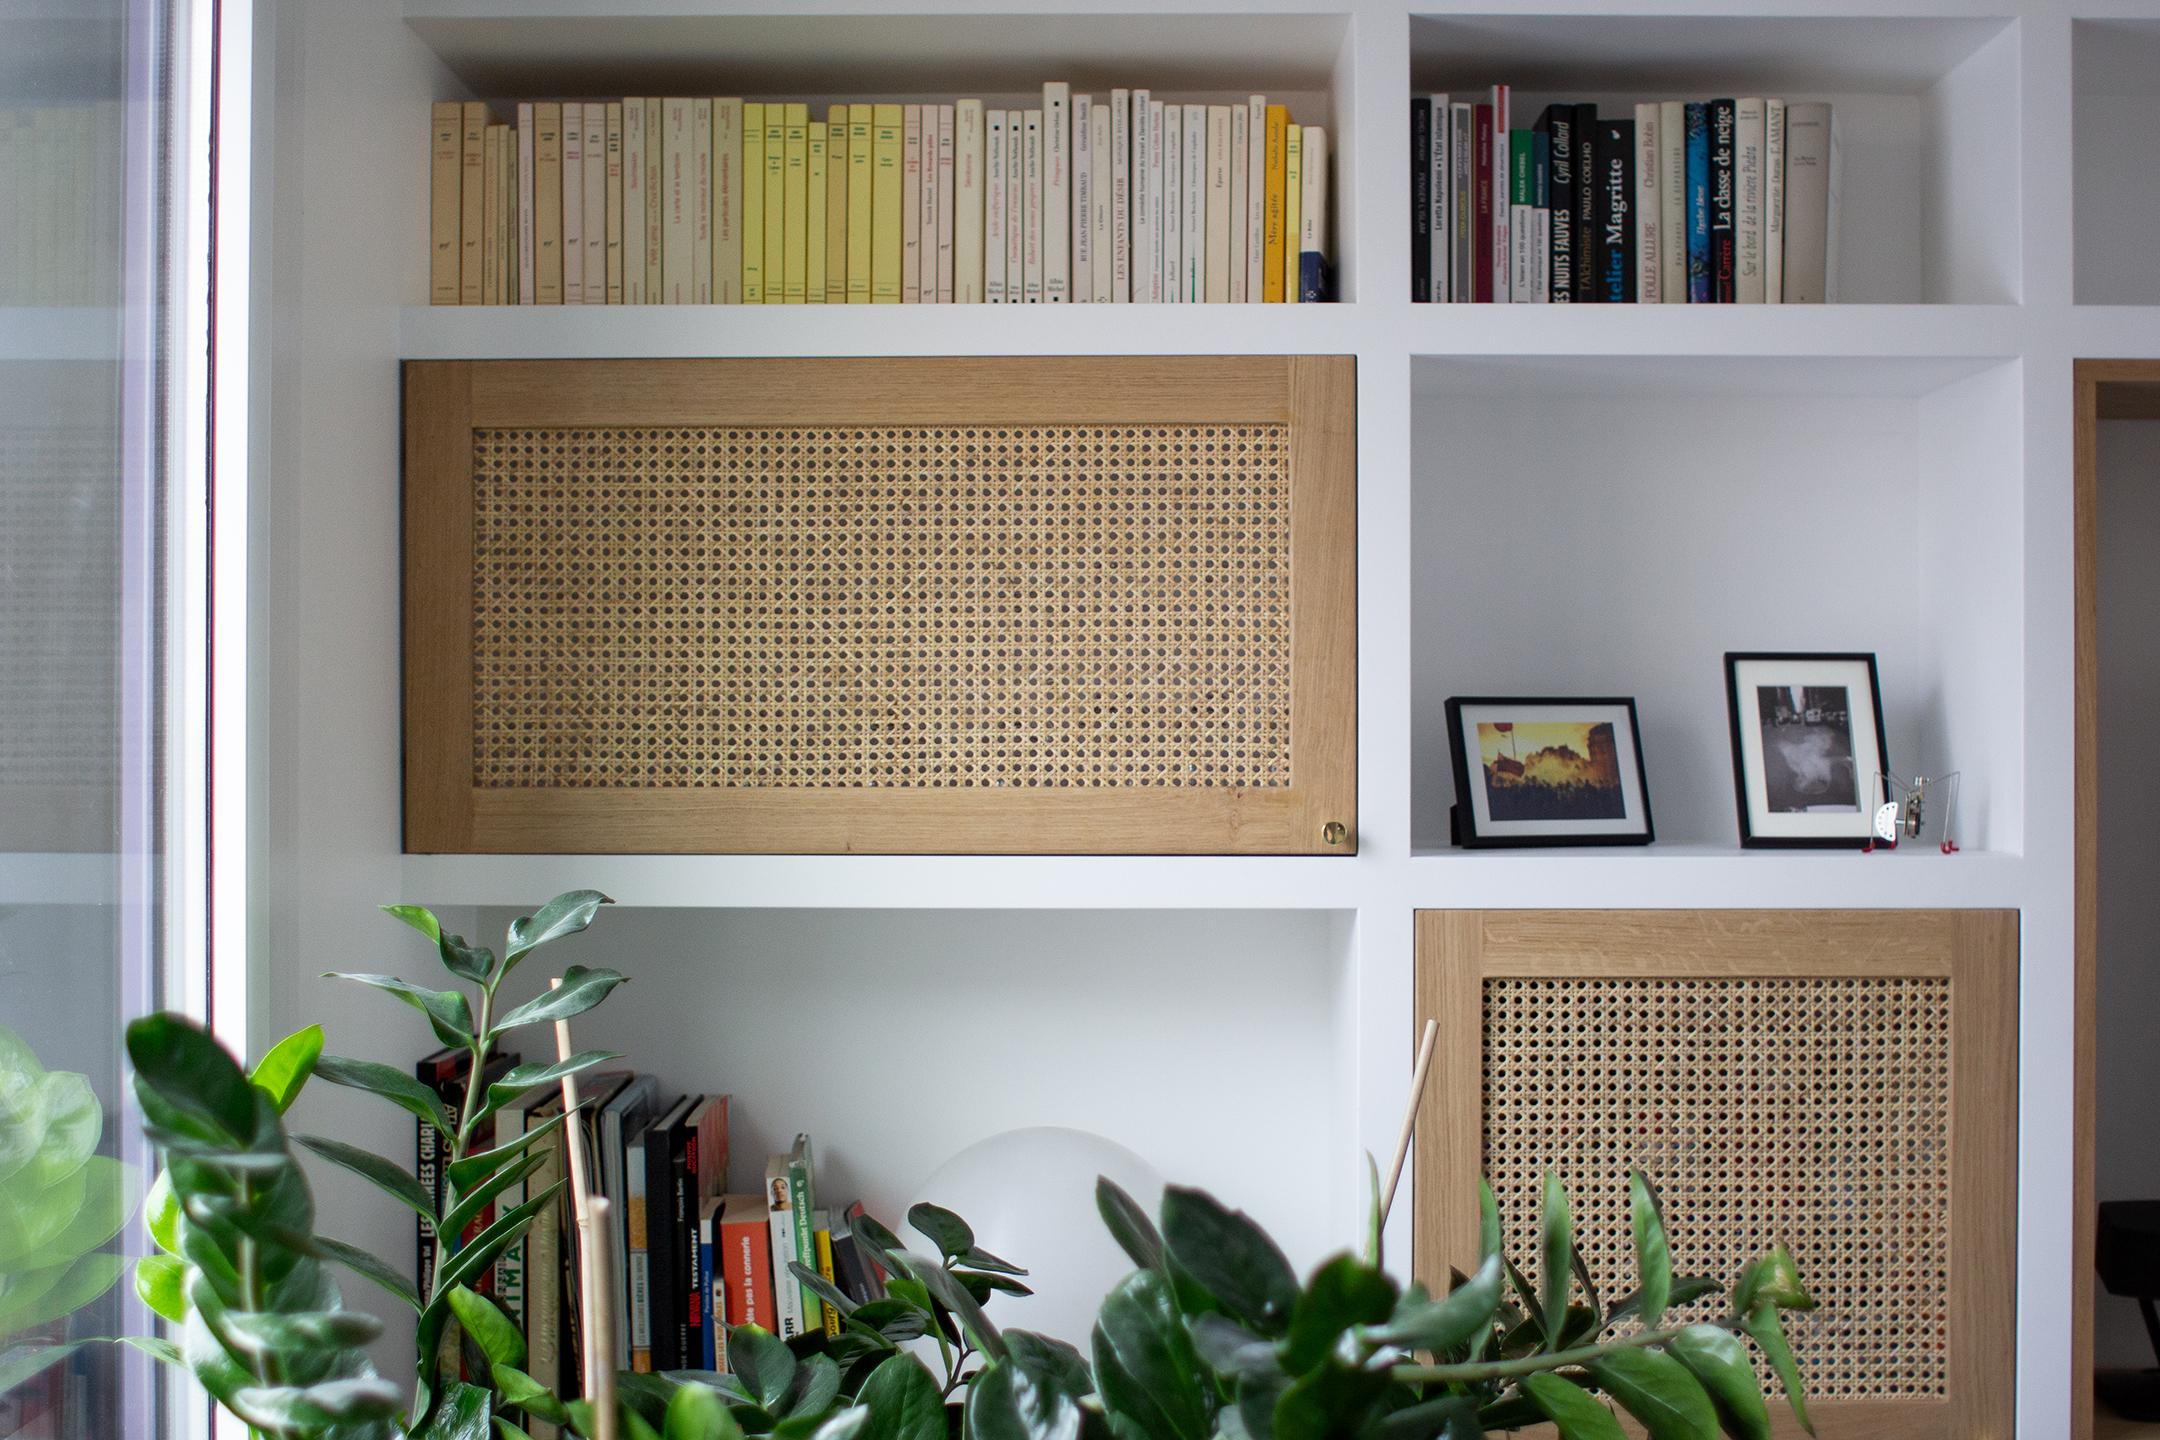 Bibliothèque maçonnée, bois et cannage - Architecte d'intérieur Studio Mariekke - Paris